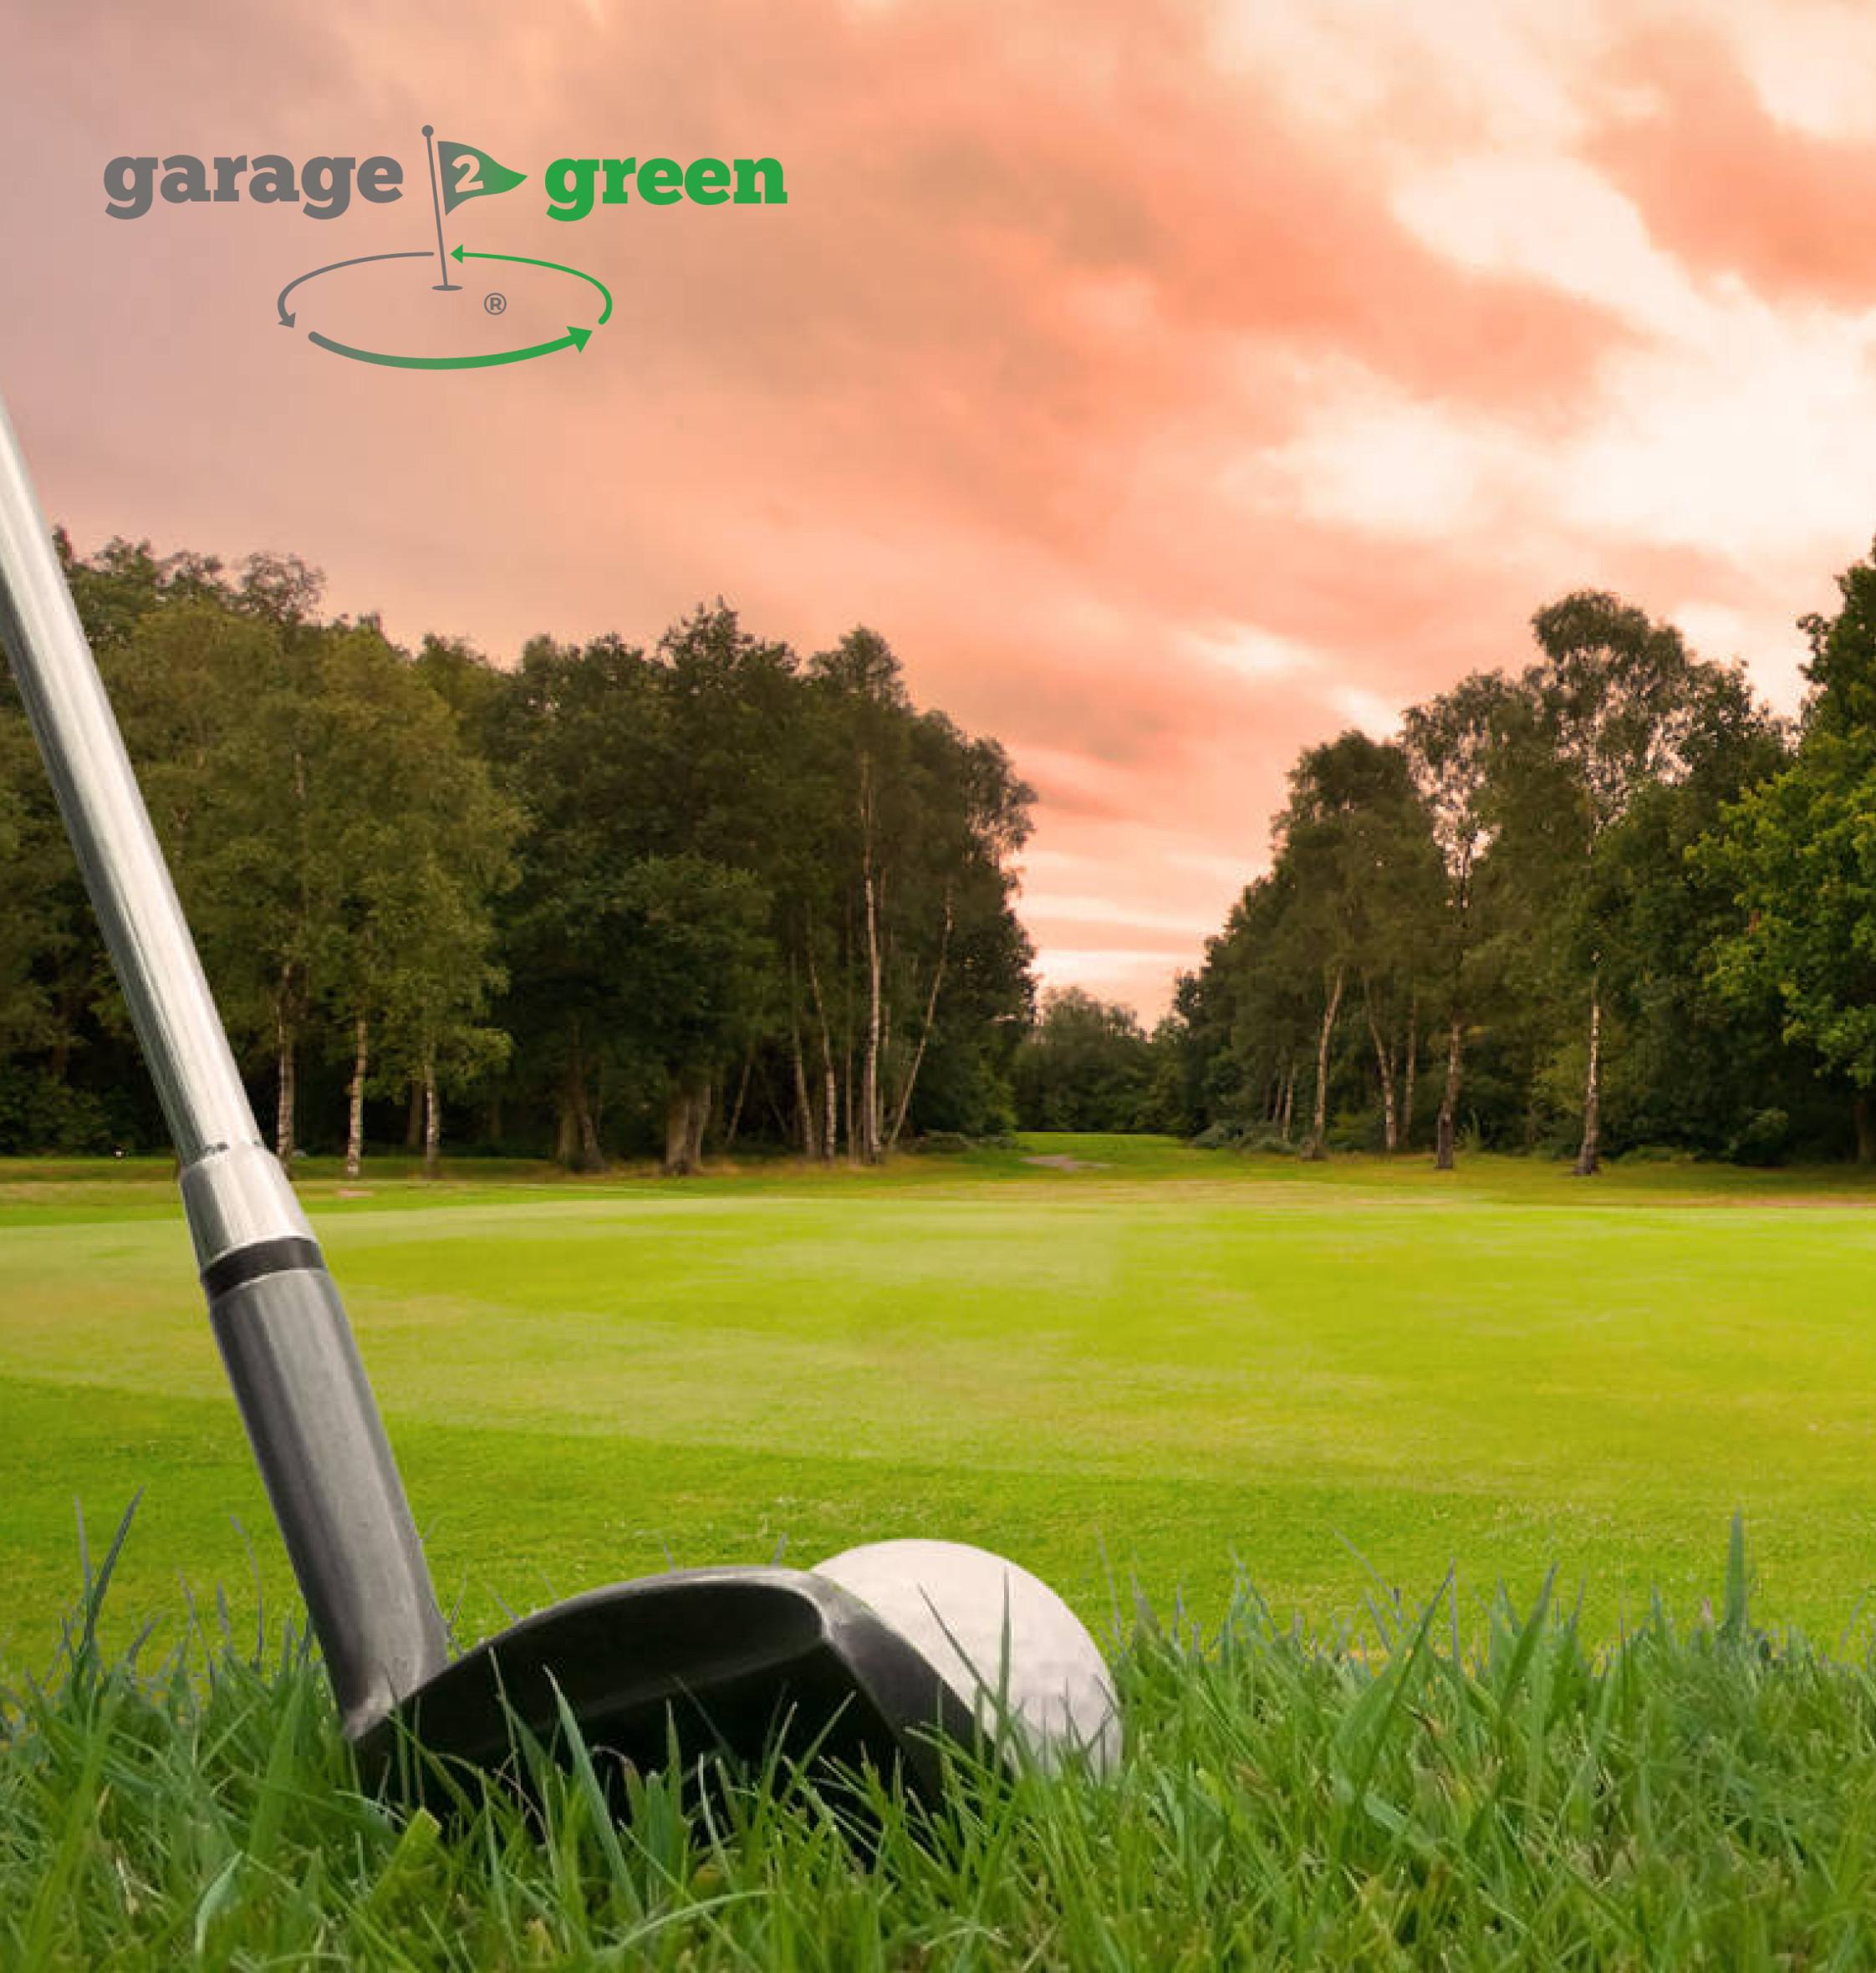 Garage2green